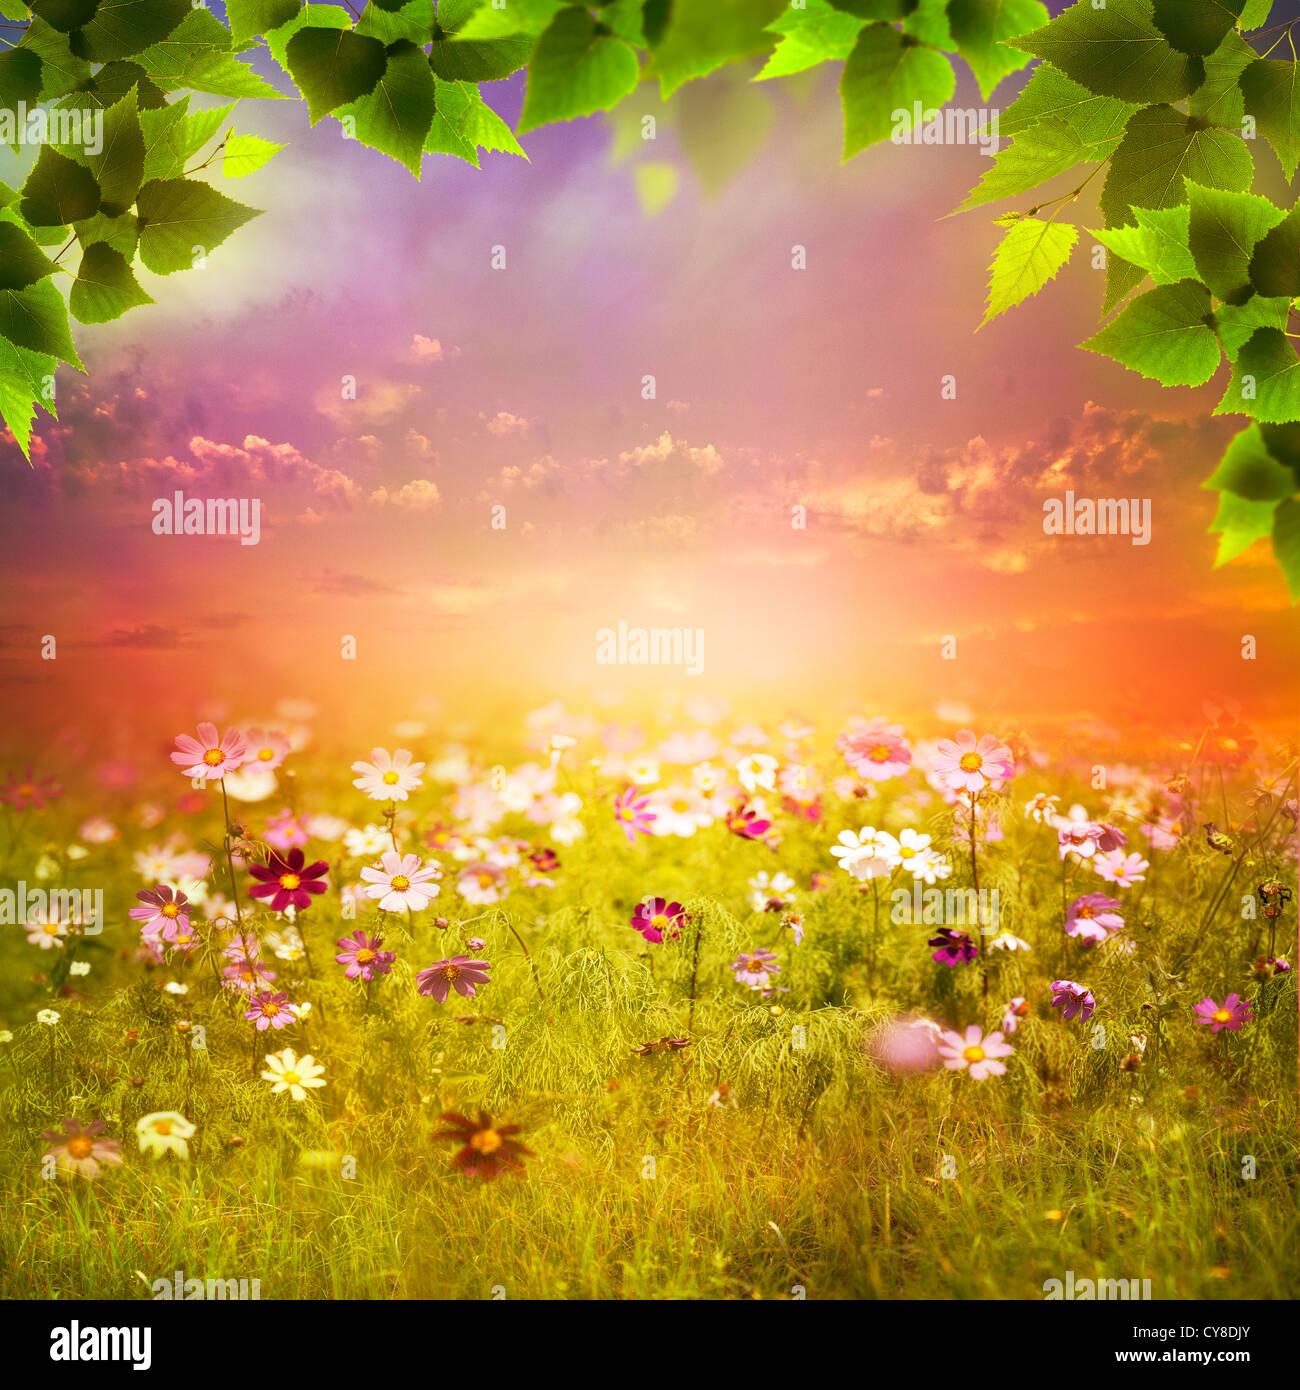 Soirée mystique sur le pré. Image fonds naturels abstrait pour votre conception Photo Stock